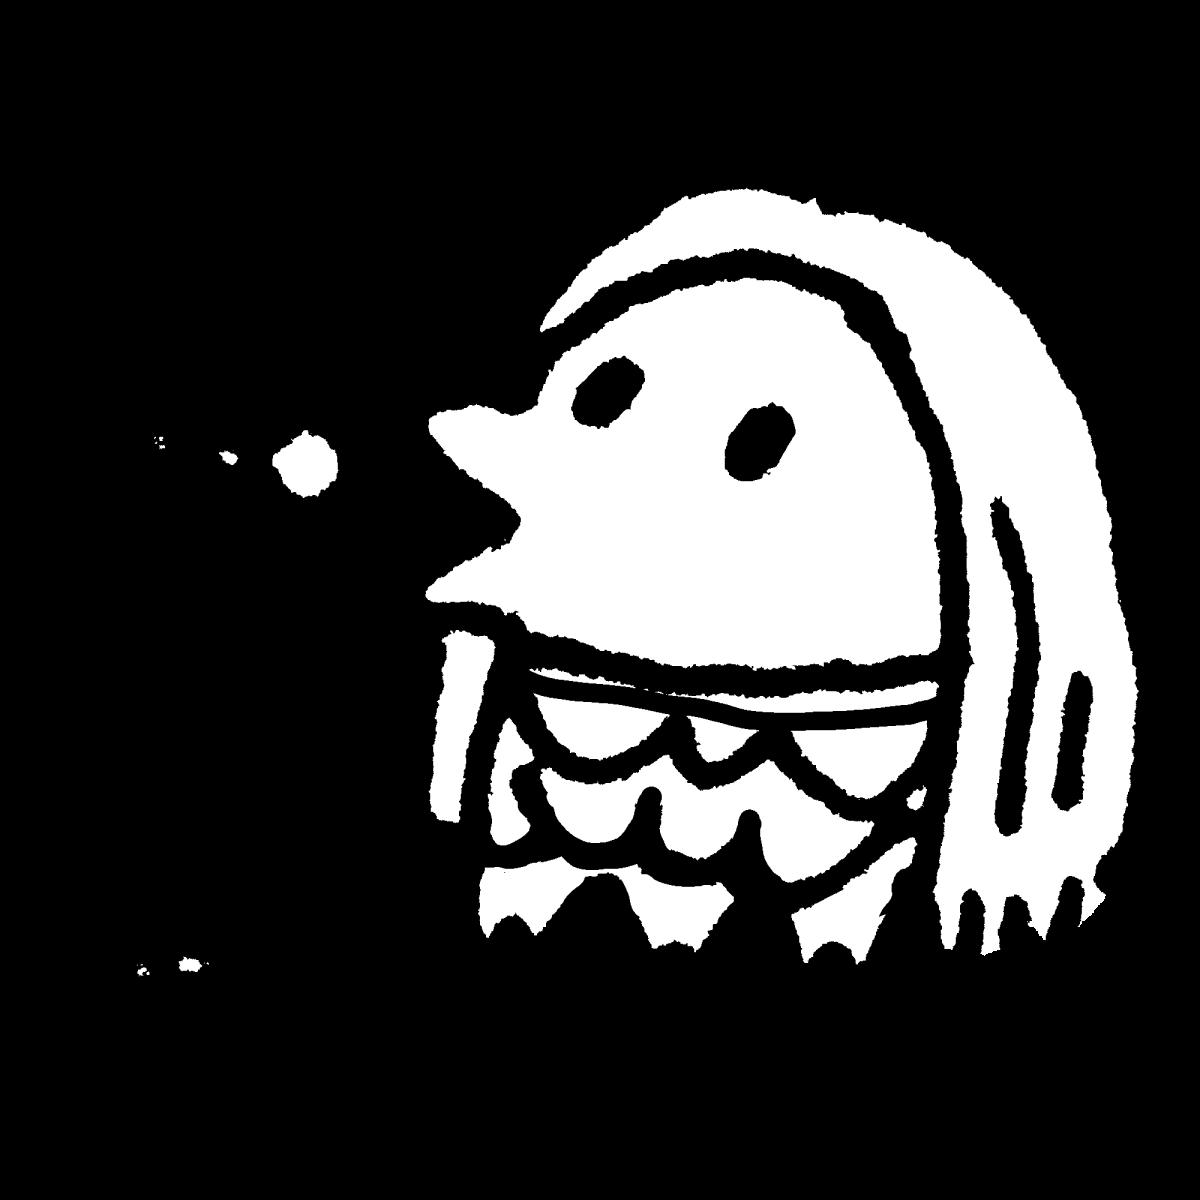 歌うアマビエのイラスト / Singing amabie Illustration